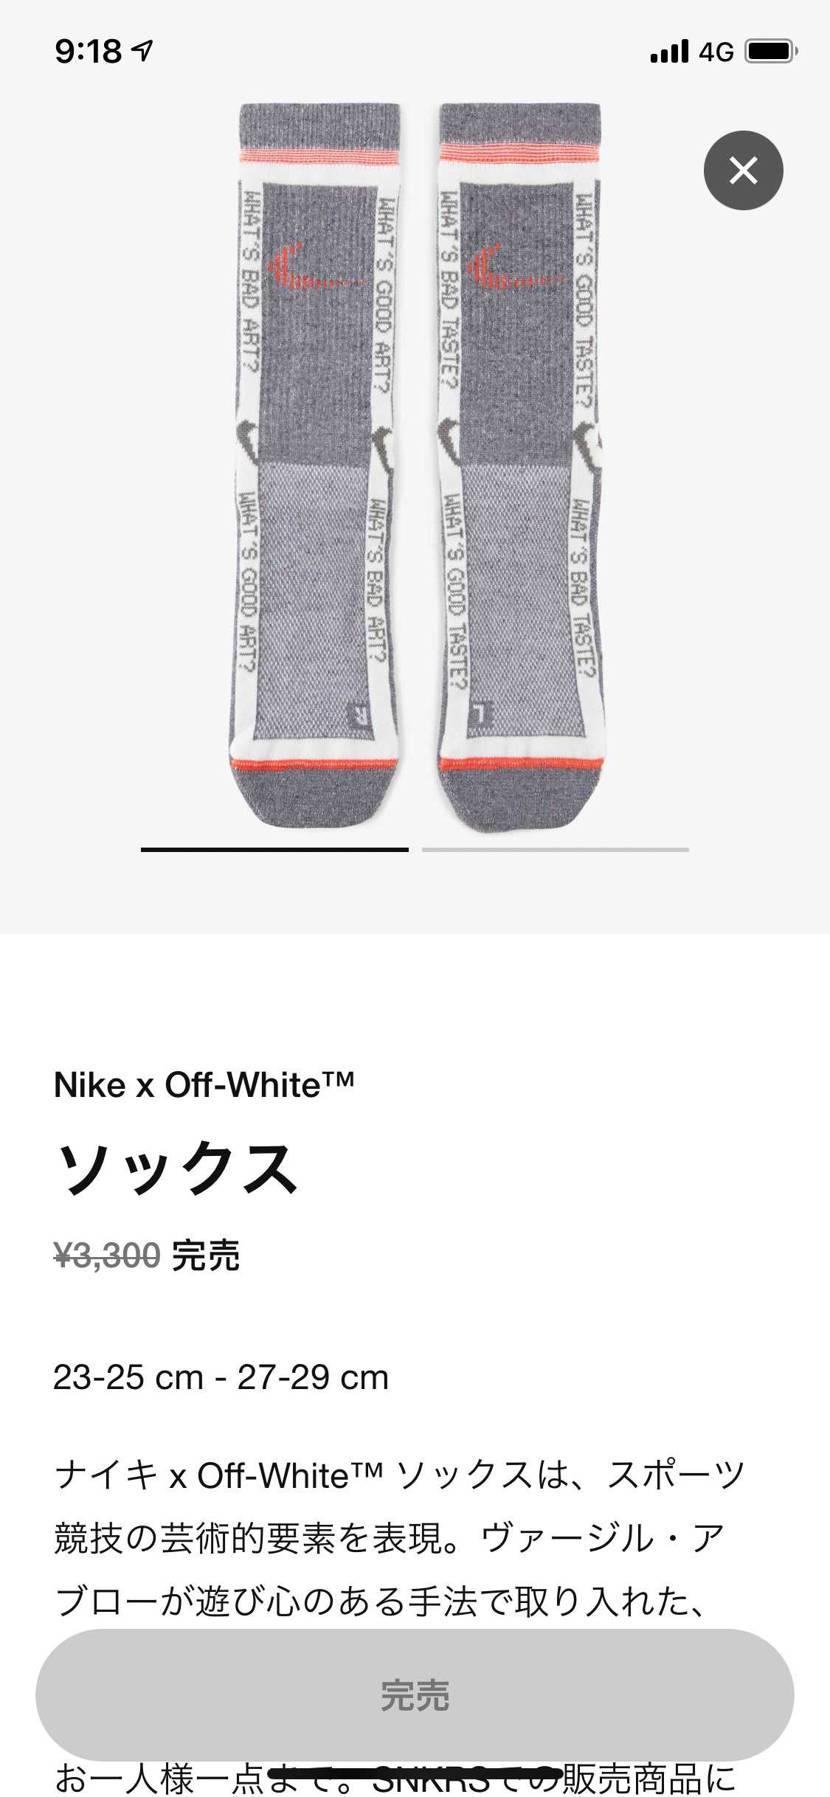 靴下も買えないとは笑結構人気ですなww